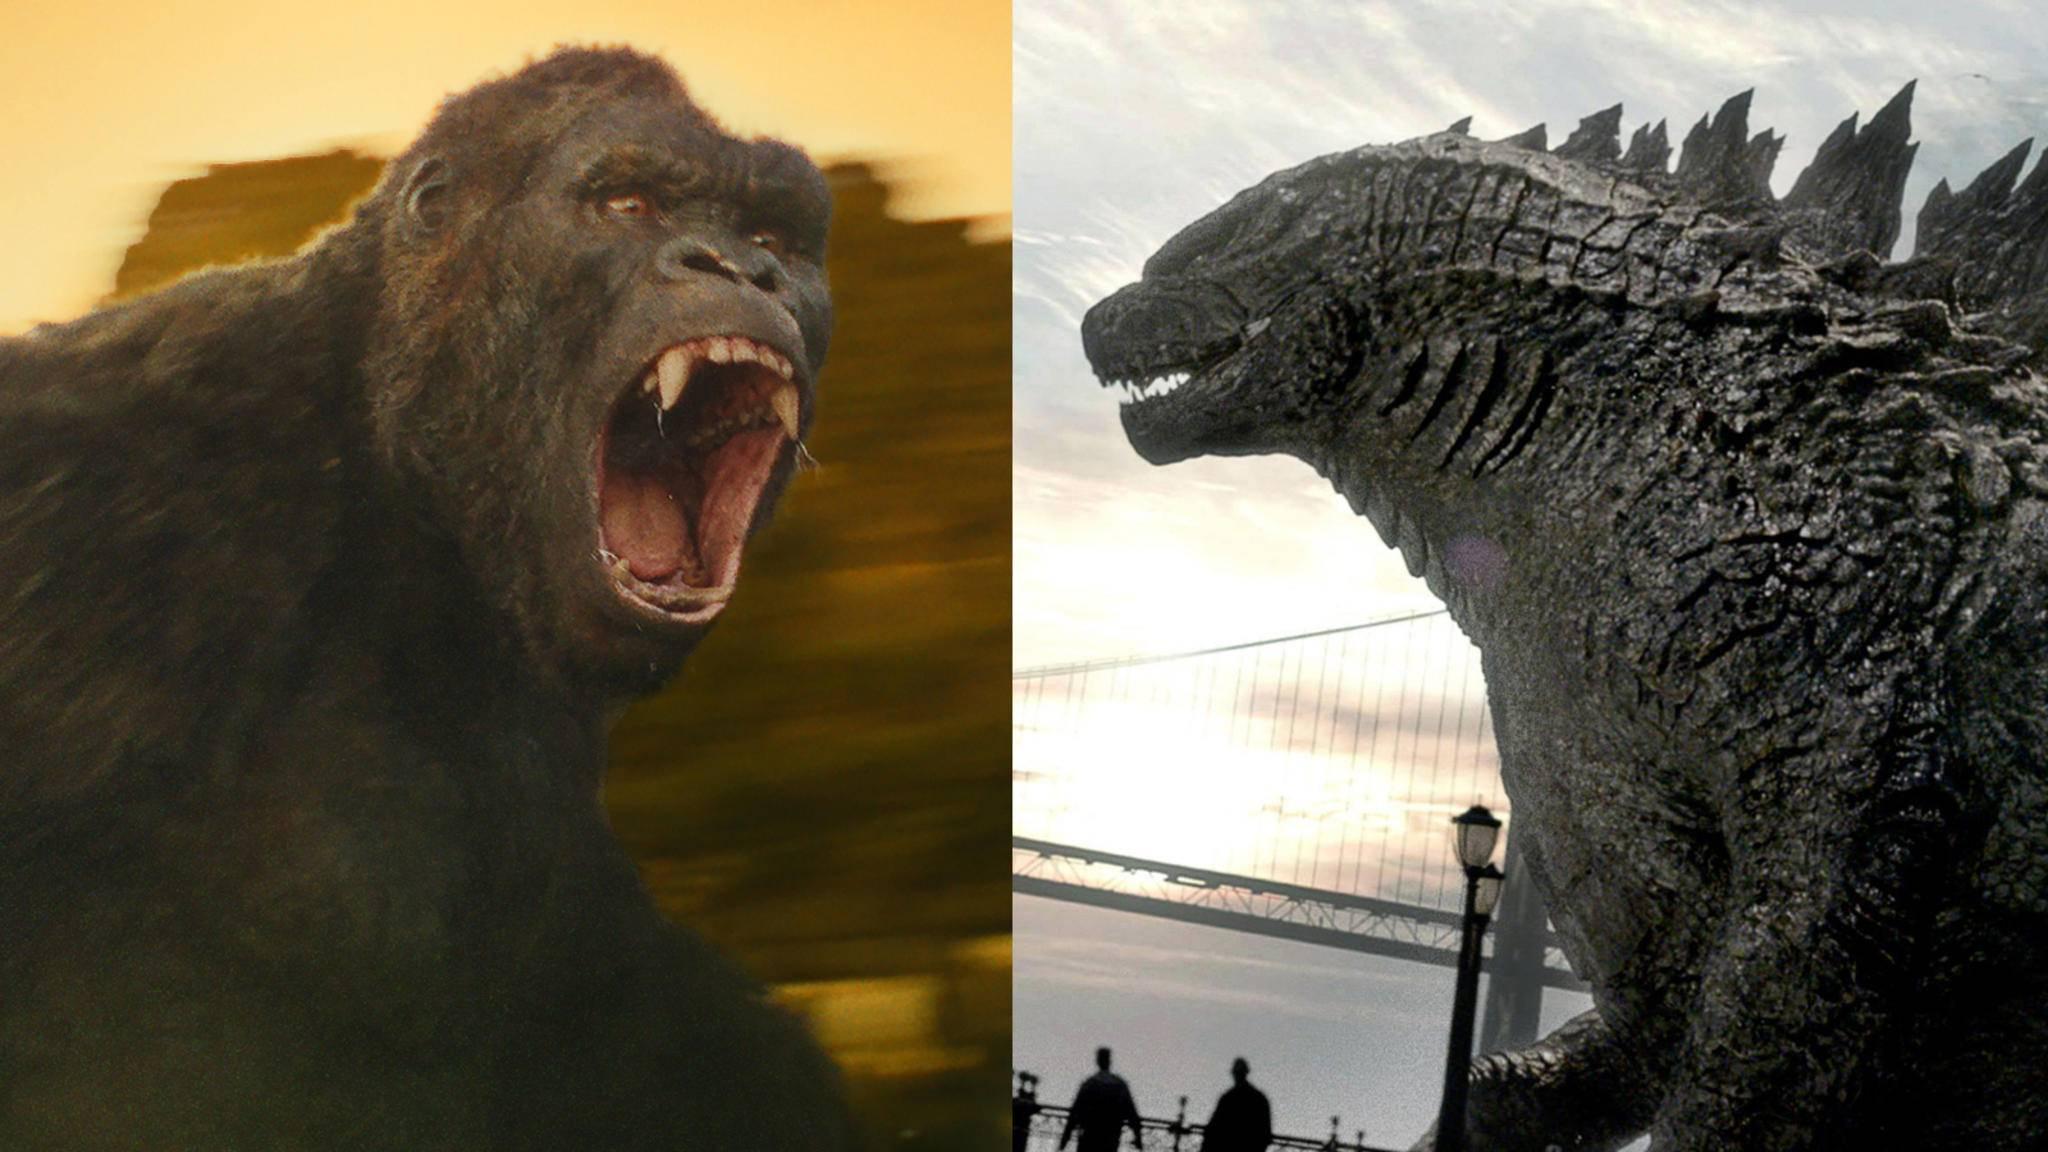 Bald treffen King Kong und Godzilla auf der großen Leinwand aufeinander.